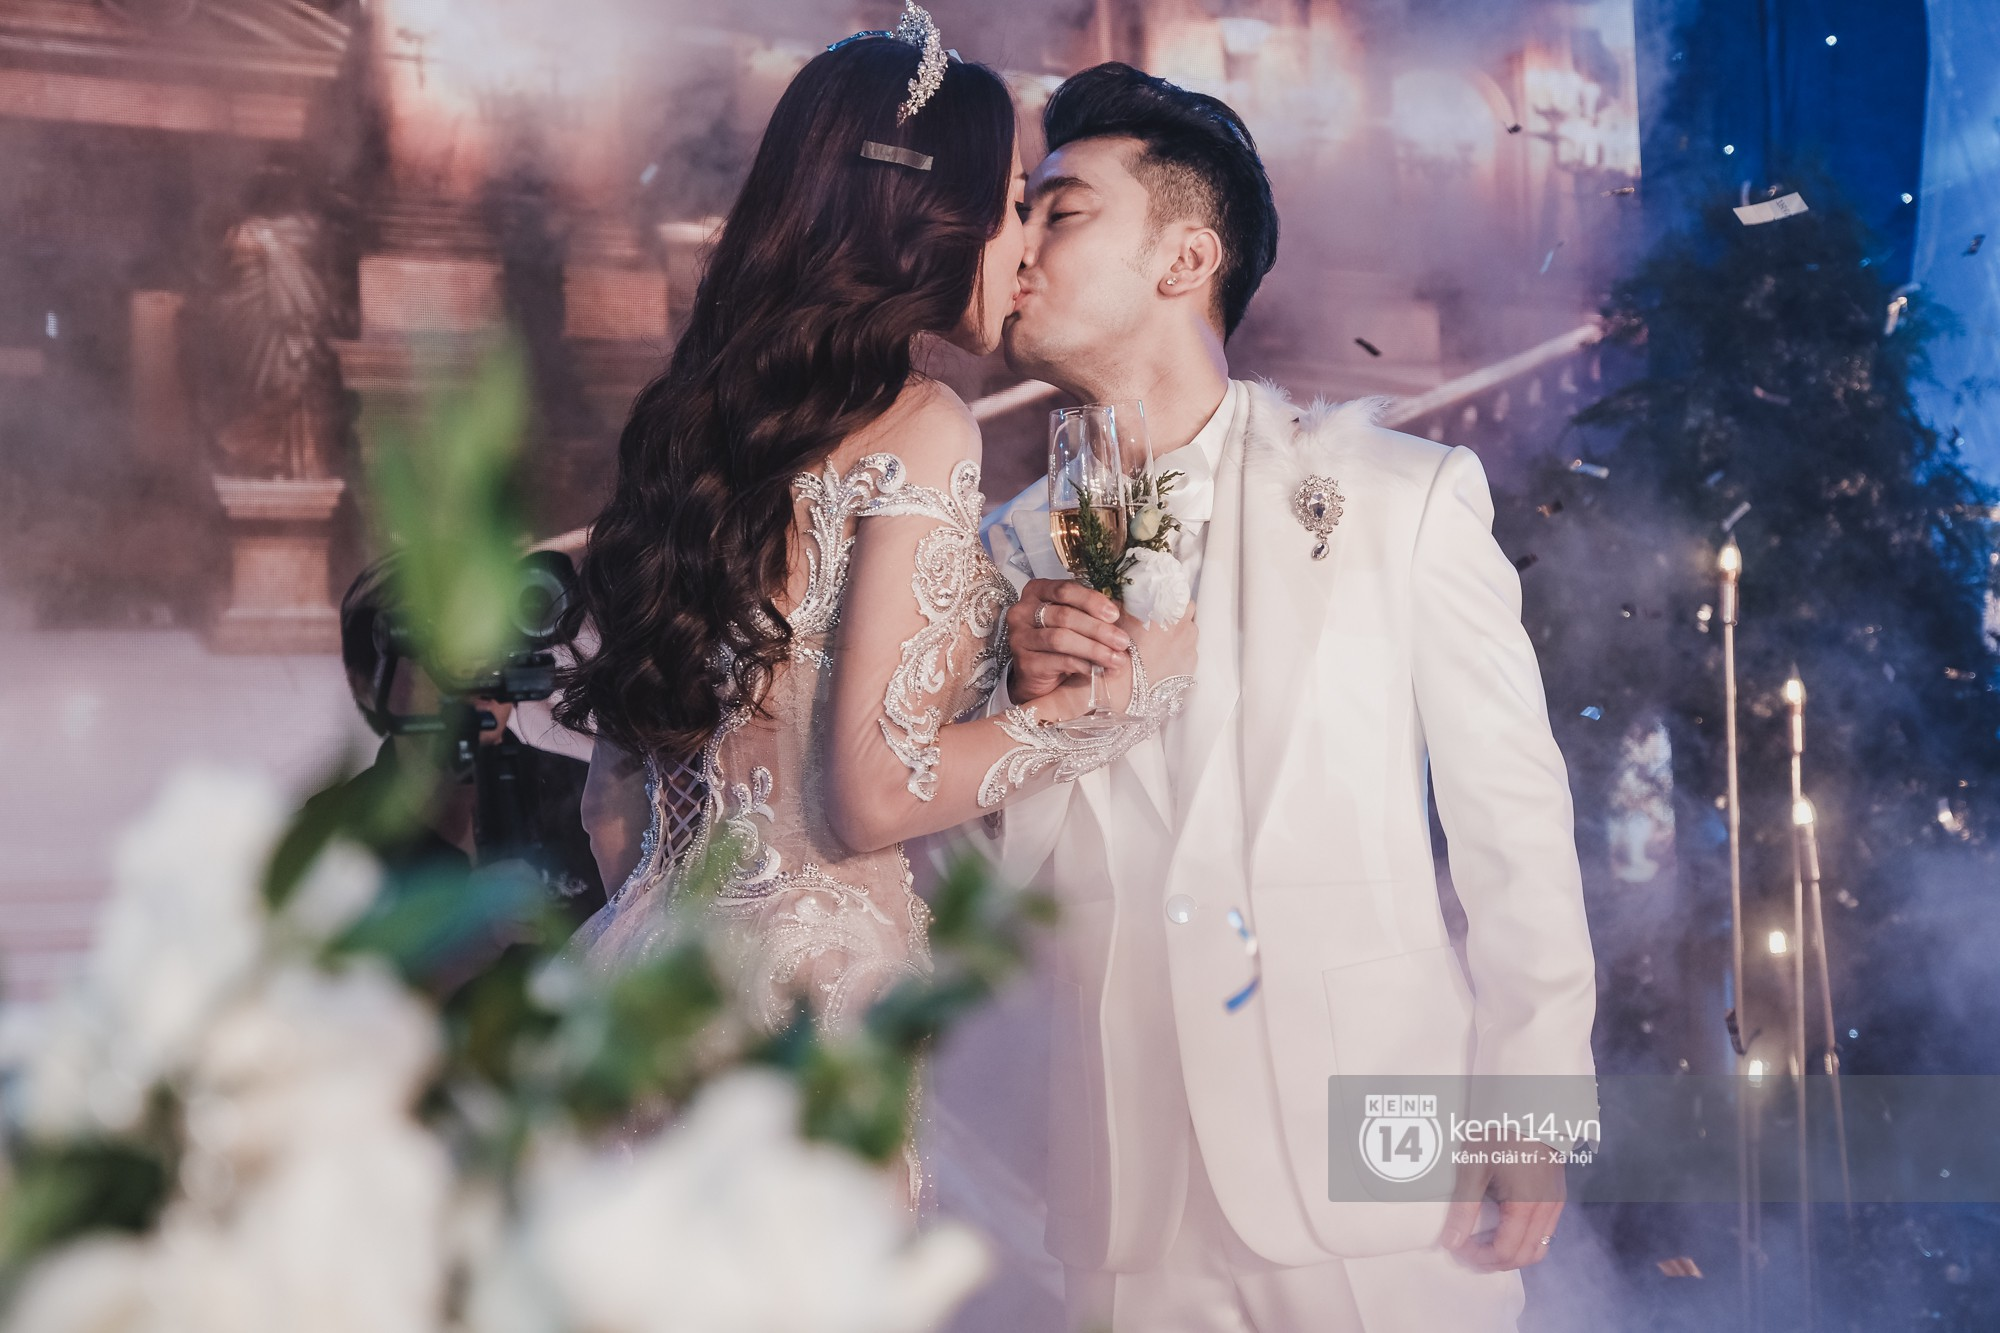 Điểm lại 5 đám cưới đình đám nhất showbiz Việt năm 2018: Xa hoa, lãng mạn và được bảo vệ nghiêm ngặt tới từng chi tiết - Ảnh 19.